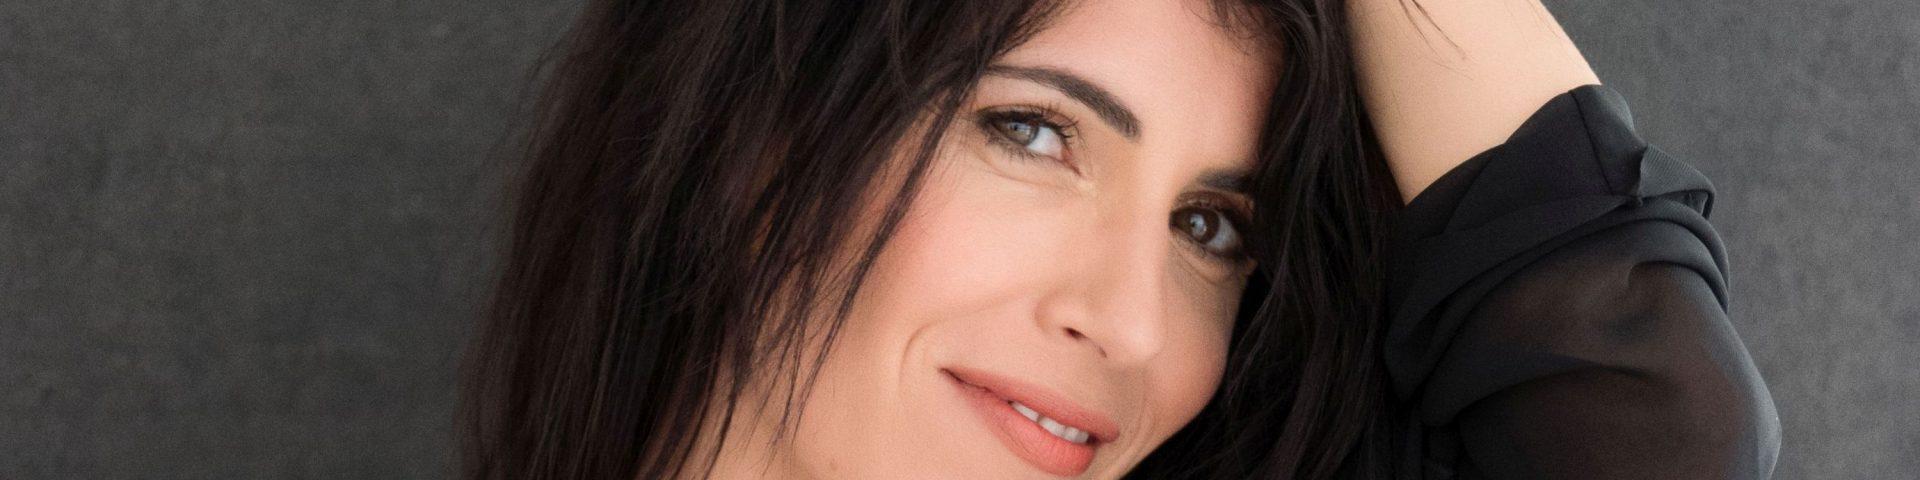 """Giorgia: da Eros Ramazzotti a Vasco Rossi, tutte le cover di """"Pop heart"""""""